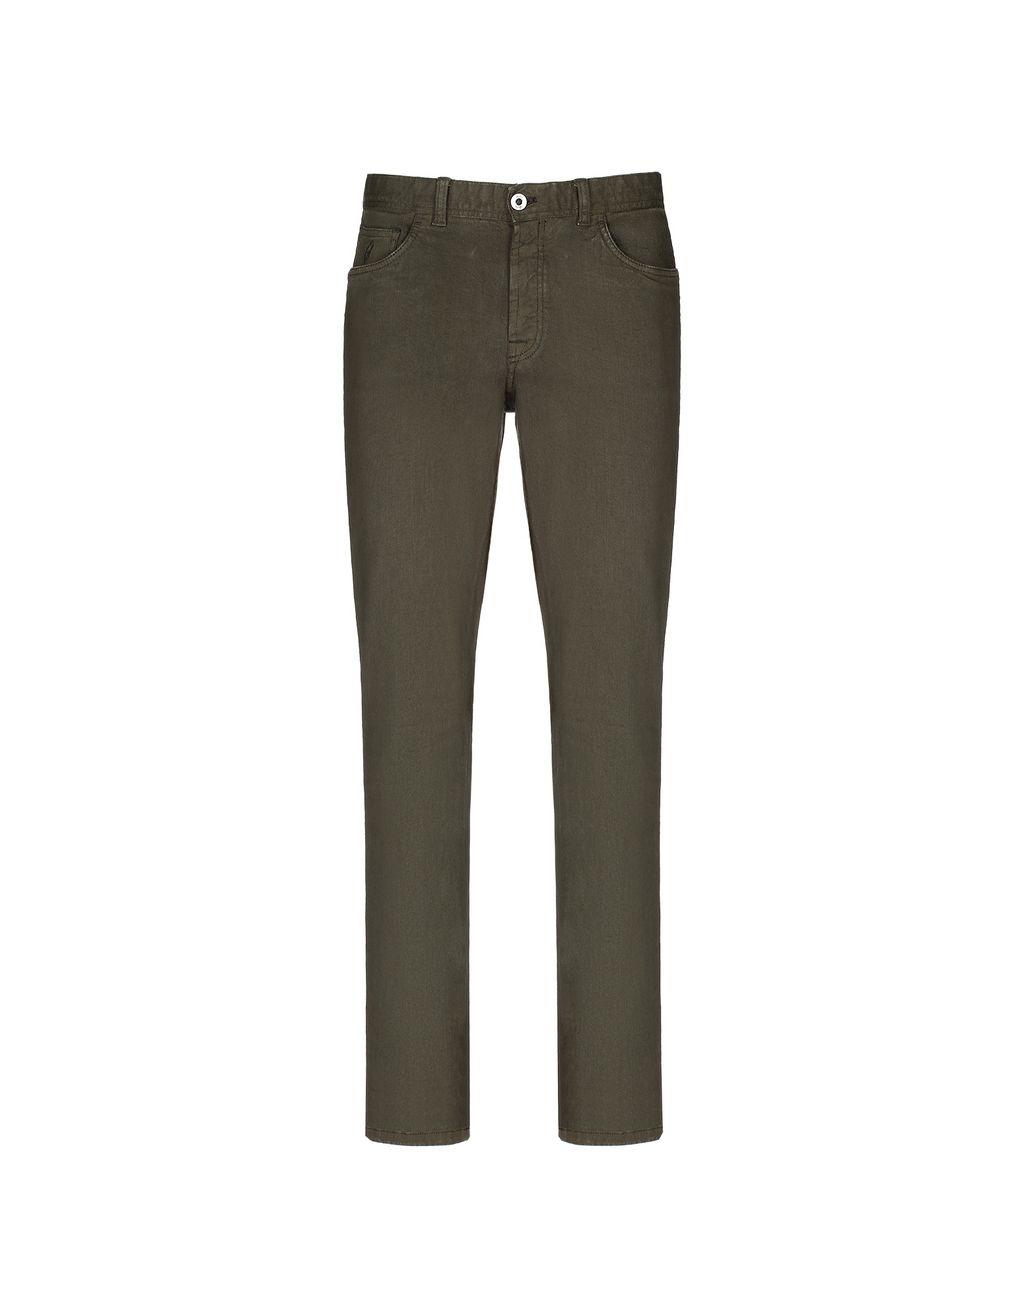 BRIONI Зелёные брюки из денима Брюки Для Мужчин f